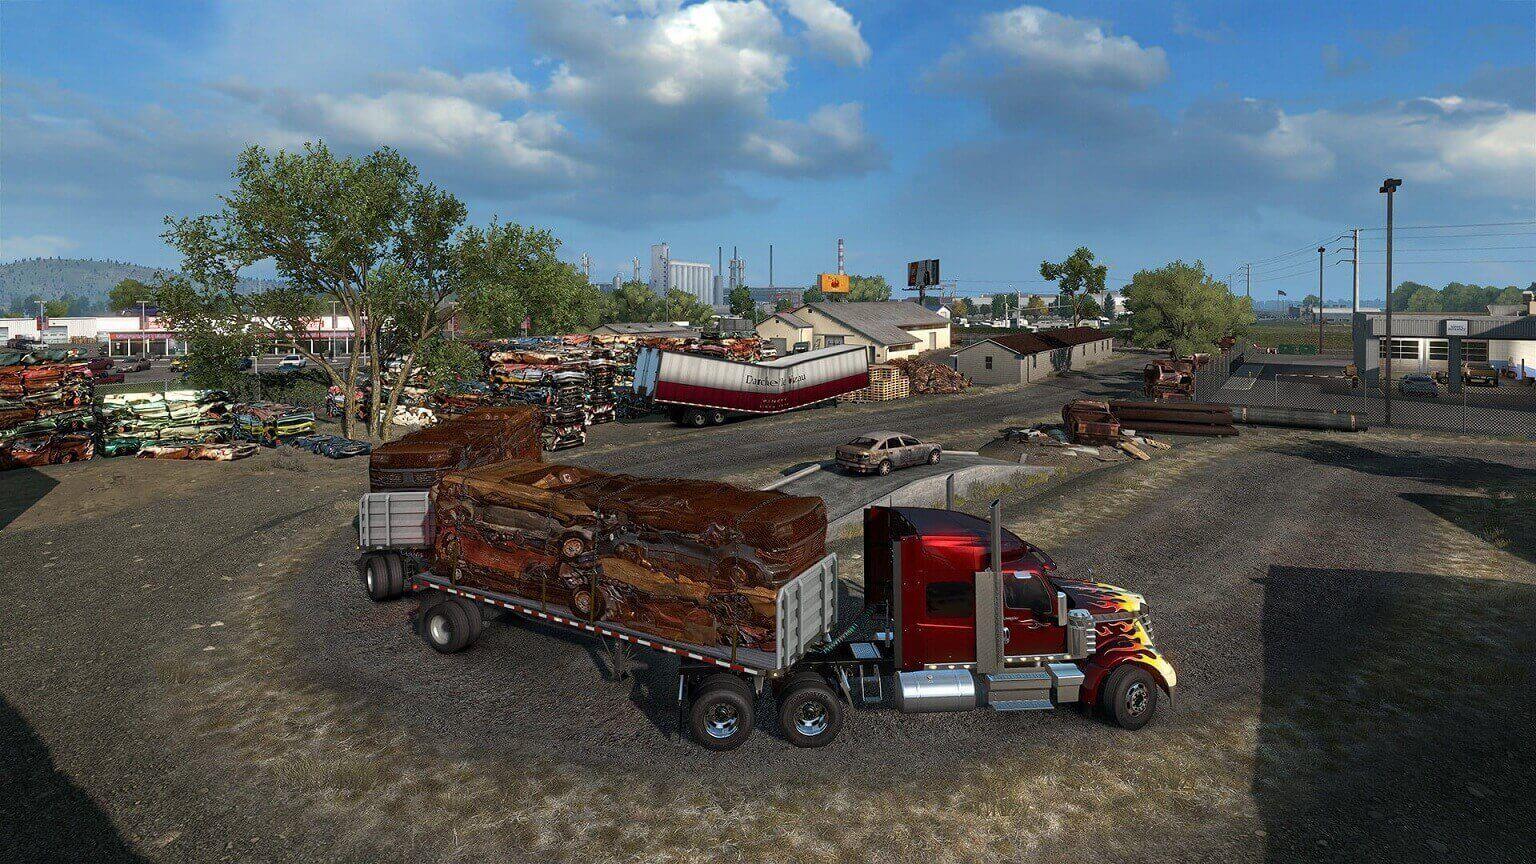 محاكي الشاحنات,لعبة محاكي الشاحنات,تحميل لعبة euro truck simulator 2,تحميل لعبة الشاحنات euro truck simulator 2,تحميل لعبة محاكي الشاحنات,تحميل لعبة euro truck simulator 2 اخر تحديث مجانا للكمبيوتر كاملة,تحميل لعبة الشاحنات euro truck simulator 2 للكمبيوتر,تحميل لعبة محاكي الشاحنات بأخير إصدار 1.39,تحميل,لعبة الشاحنات,تحميل لعبة الشاحنات,تحميل لعبة euro truck simulator 2 اخر اصدار 2018,تحميل لعبة الشاحنات الكبيرة لنقل البضائع,الشاحنات,تحميل محاكي الشاحنات للكمبيوتر لويندوز 7,تحميل كراك لعبة